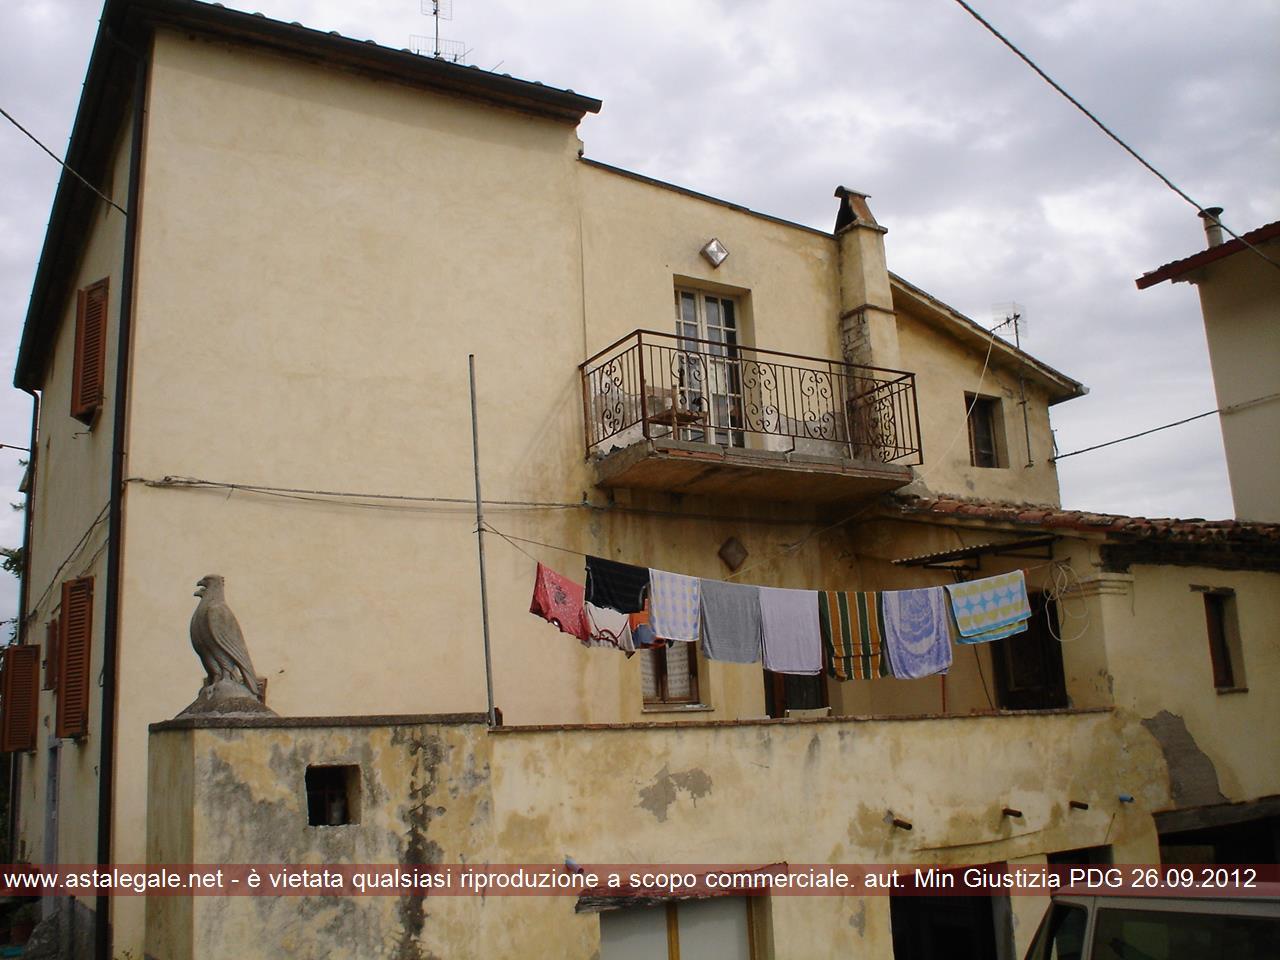 Umbertide (PG) Localita' Montecastelli - Via della Rinascita 16